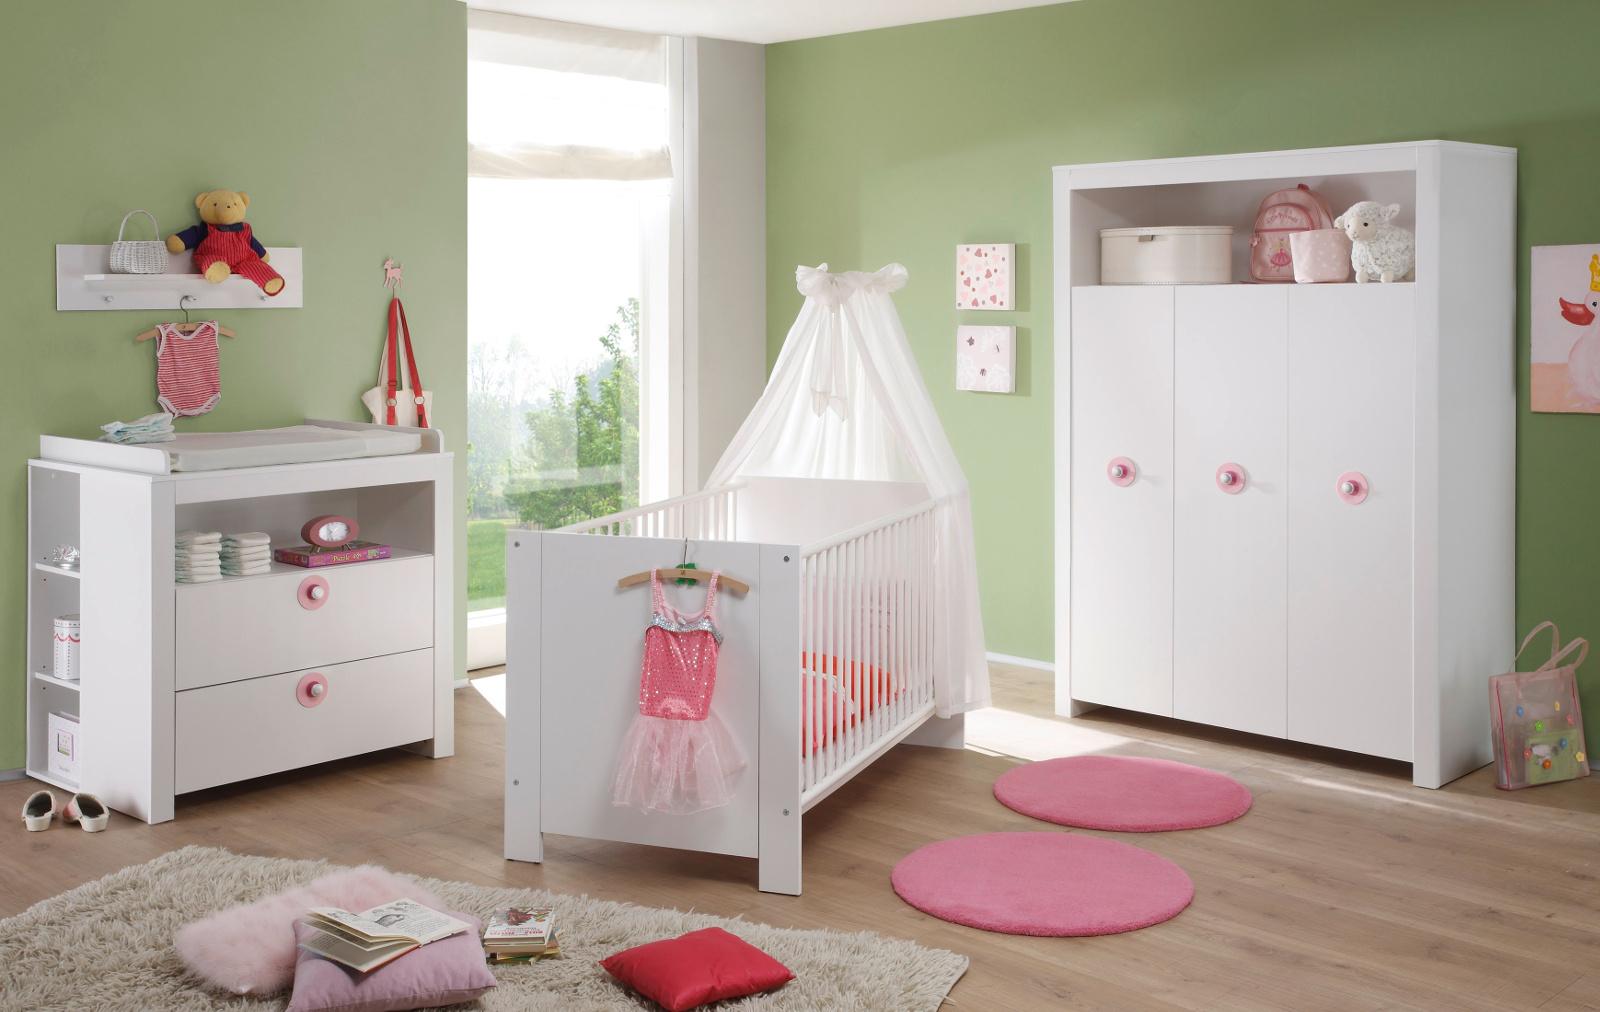 wandregal babyzimmer | jtleigh - hausgestaltung ideen